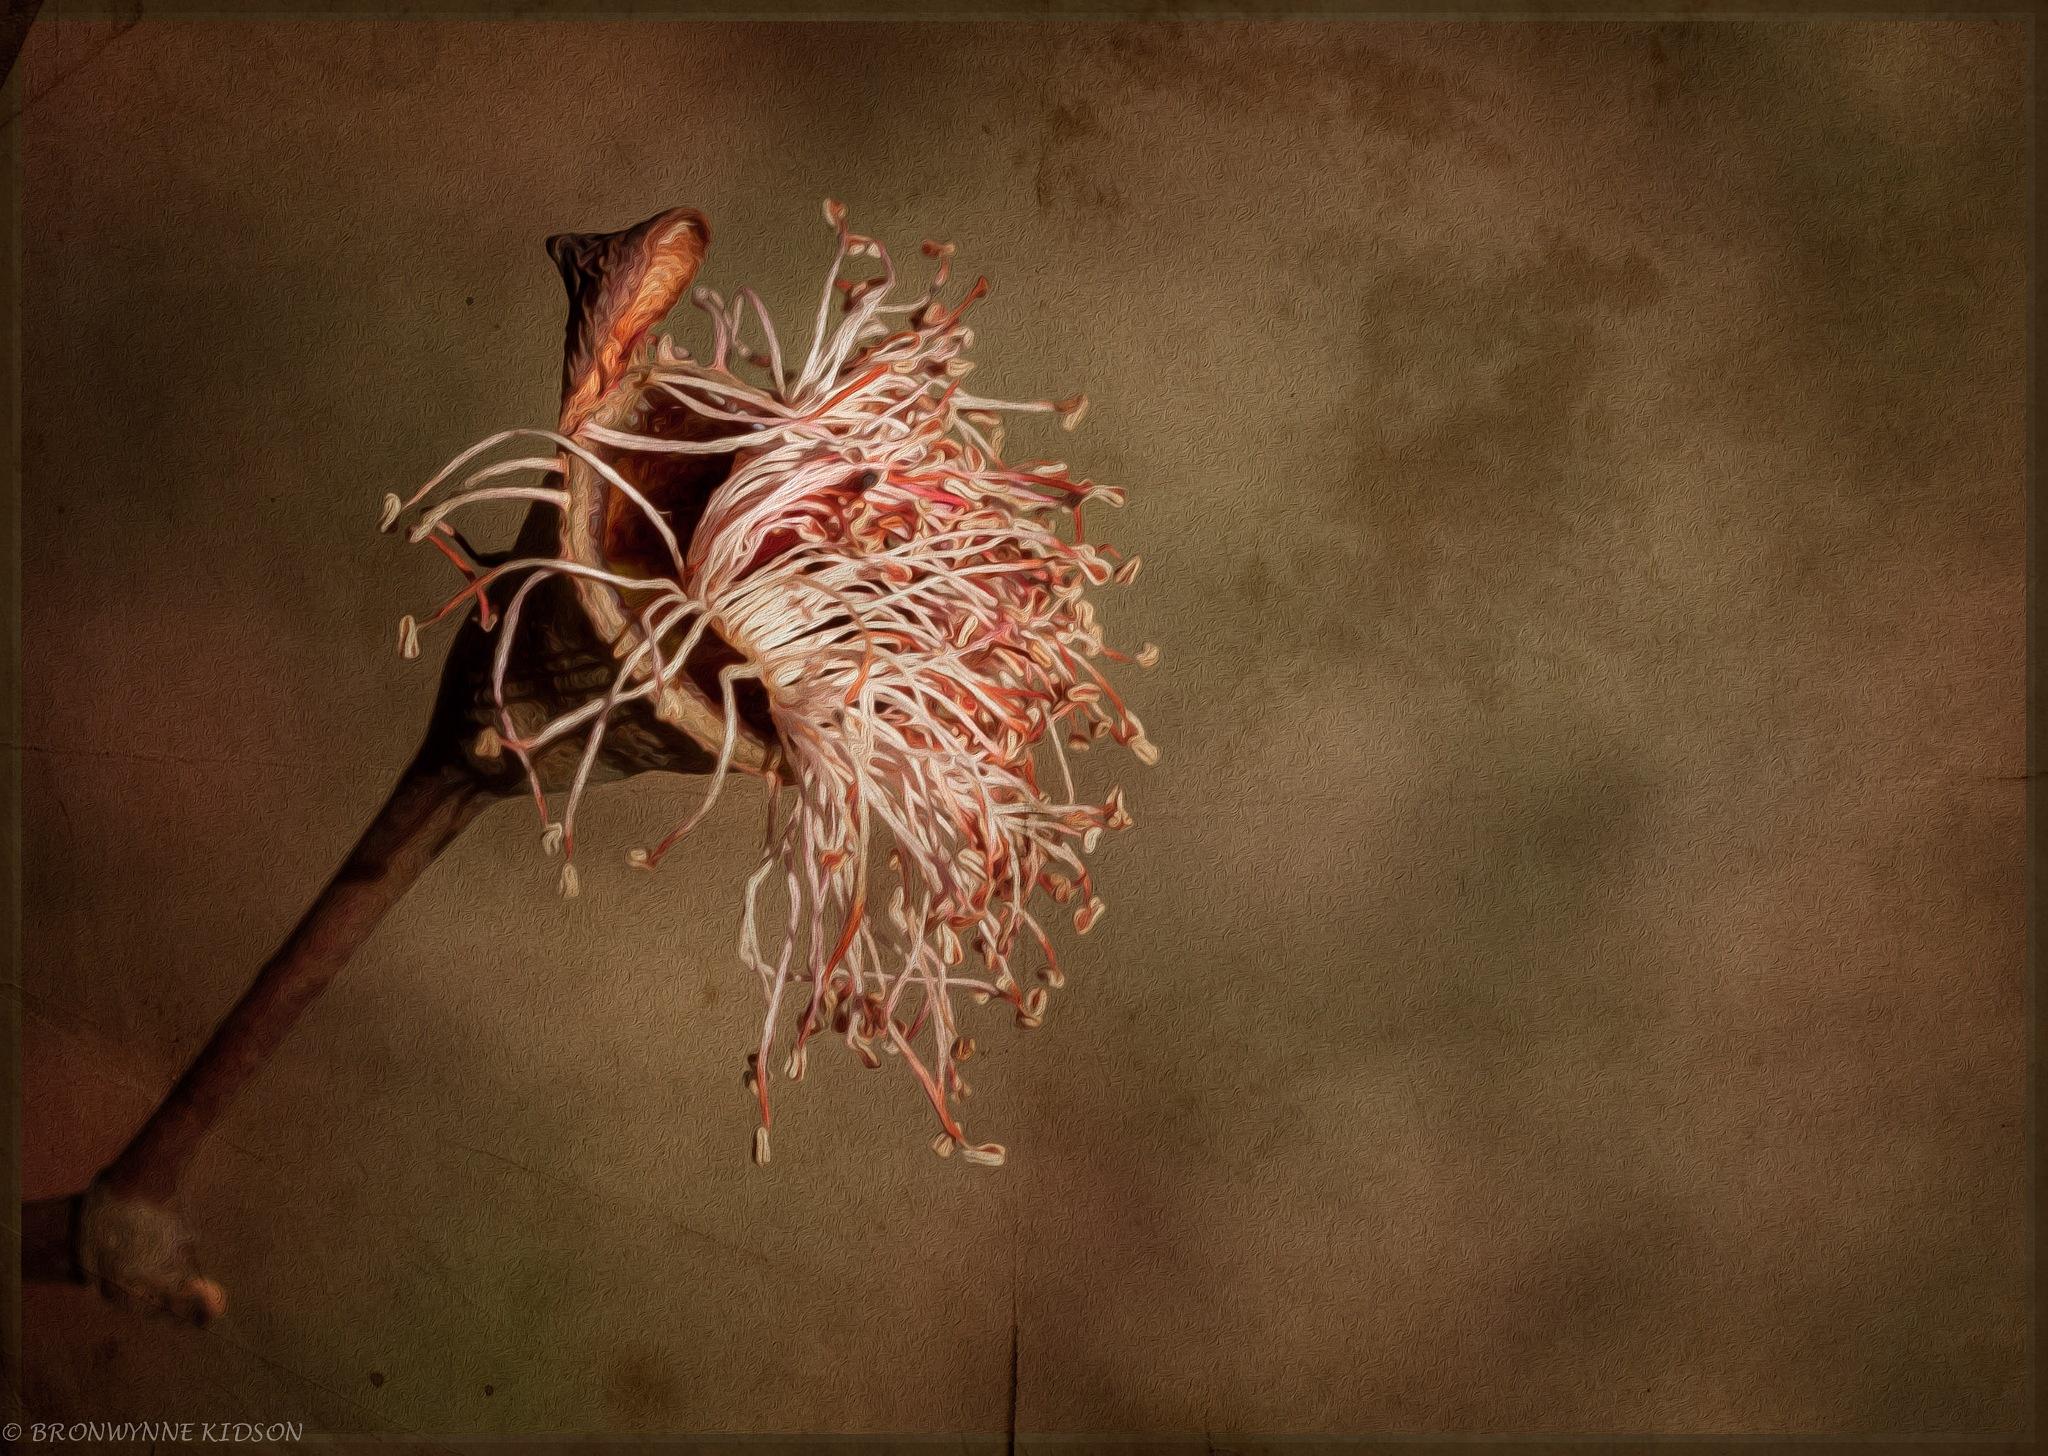 Dying Gum Flower by Bronwynne Kidson